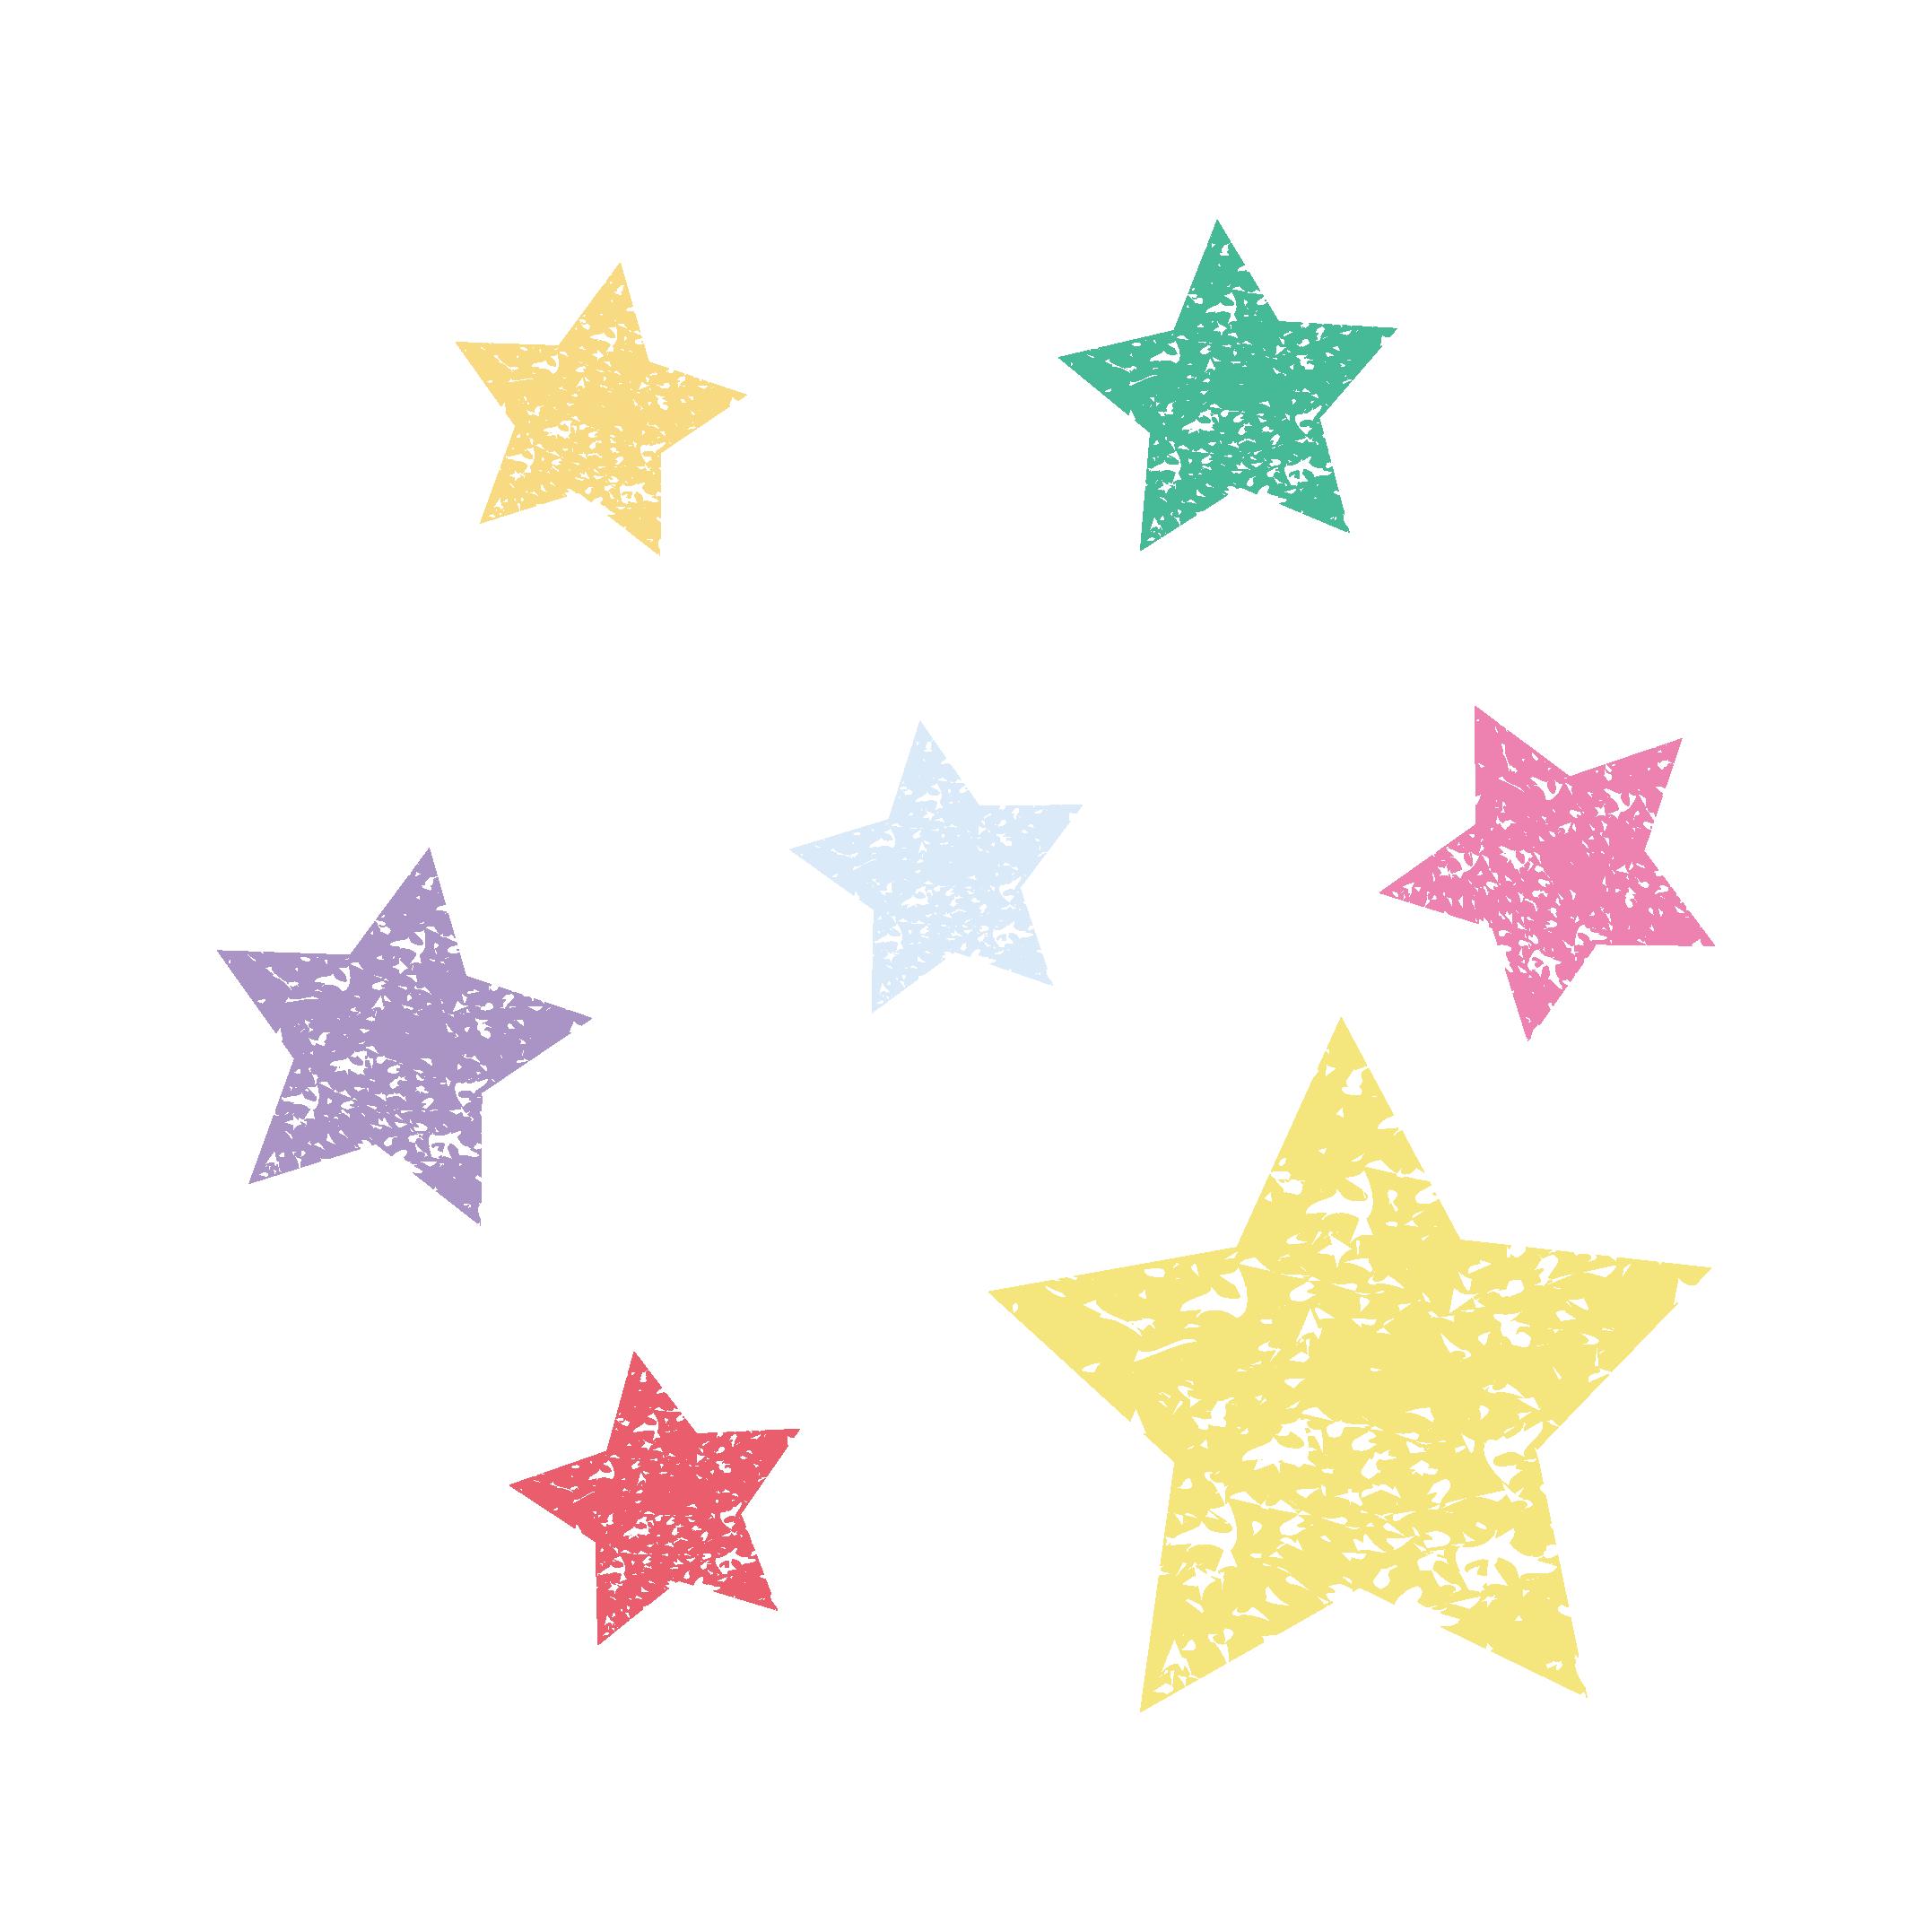 星(スター)のスタンプ イラスト | 商用フリー(無料)のイラスト素材なら